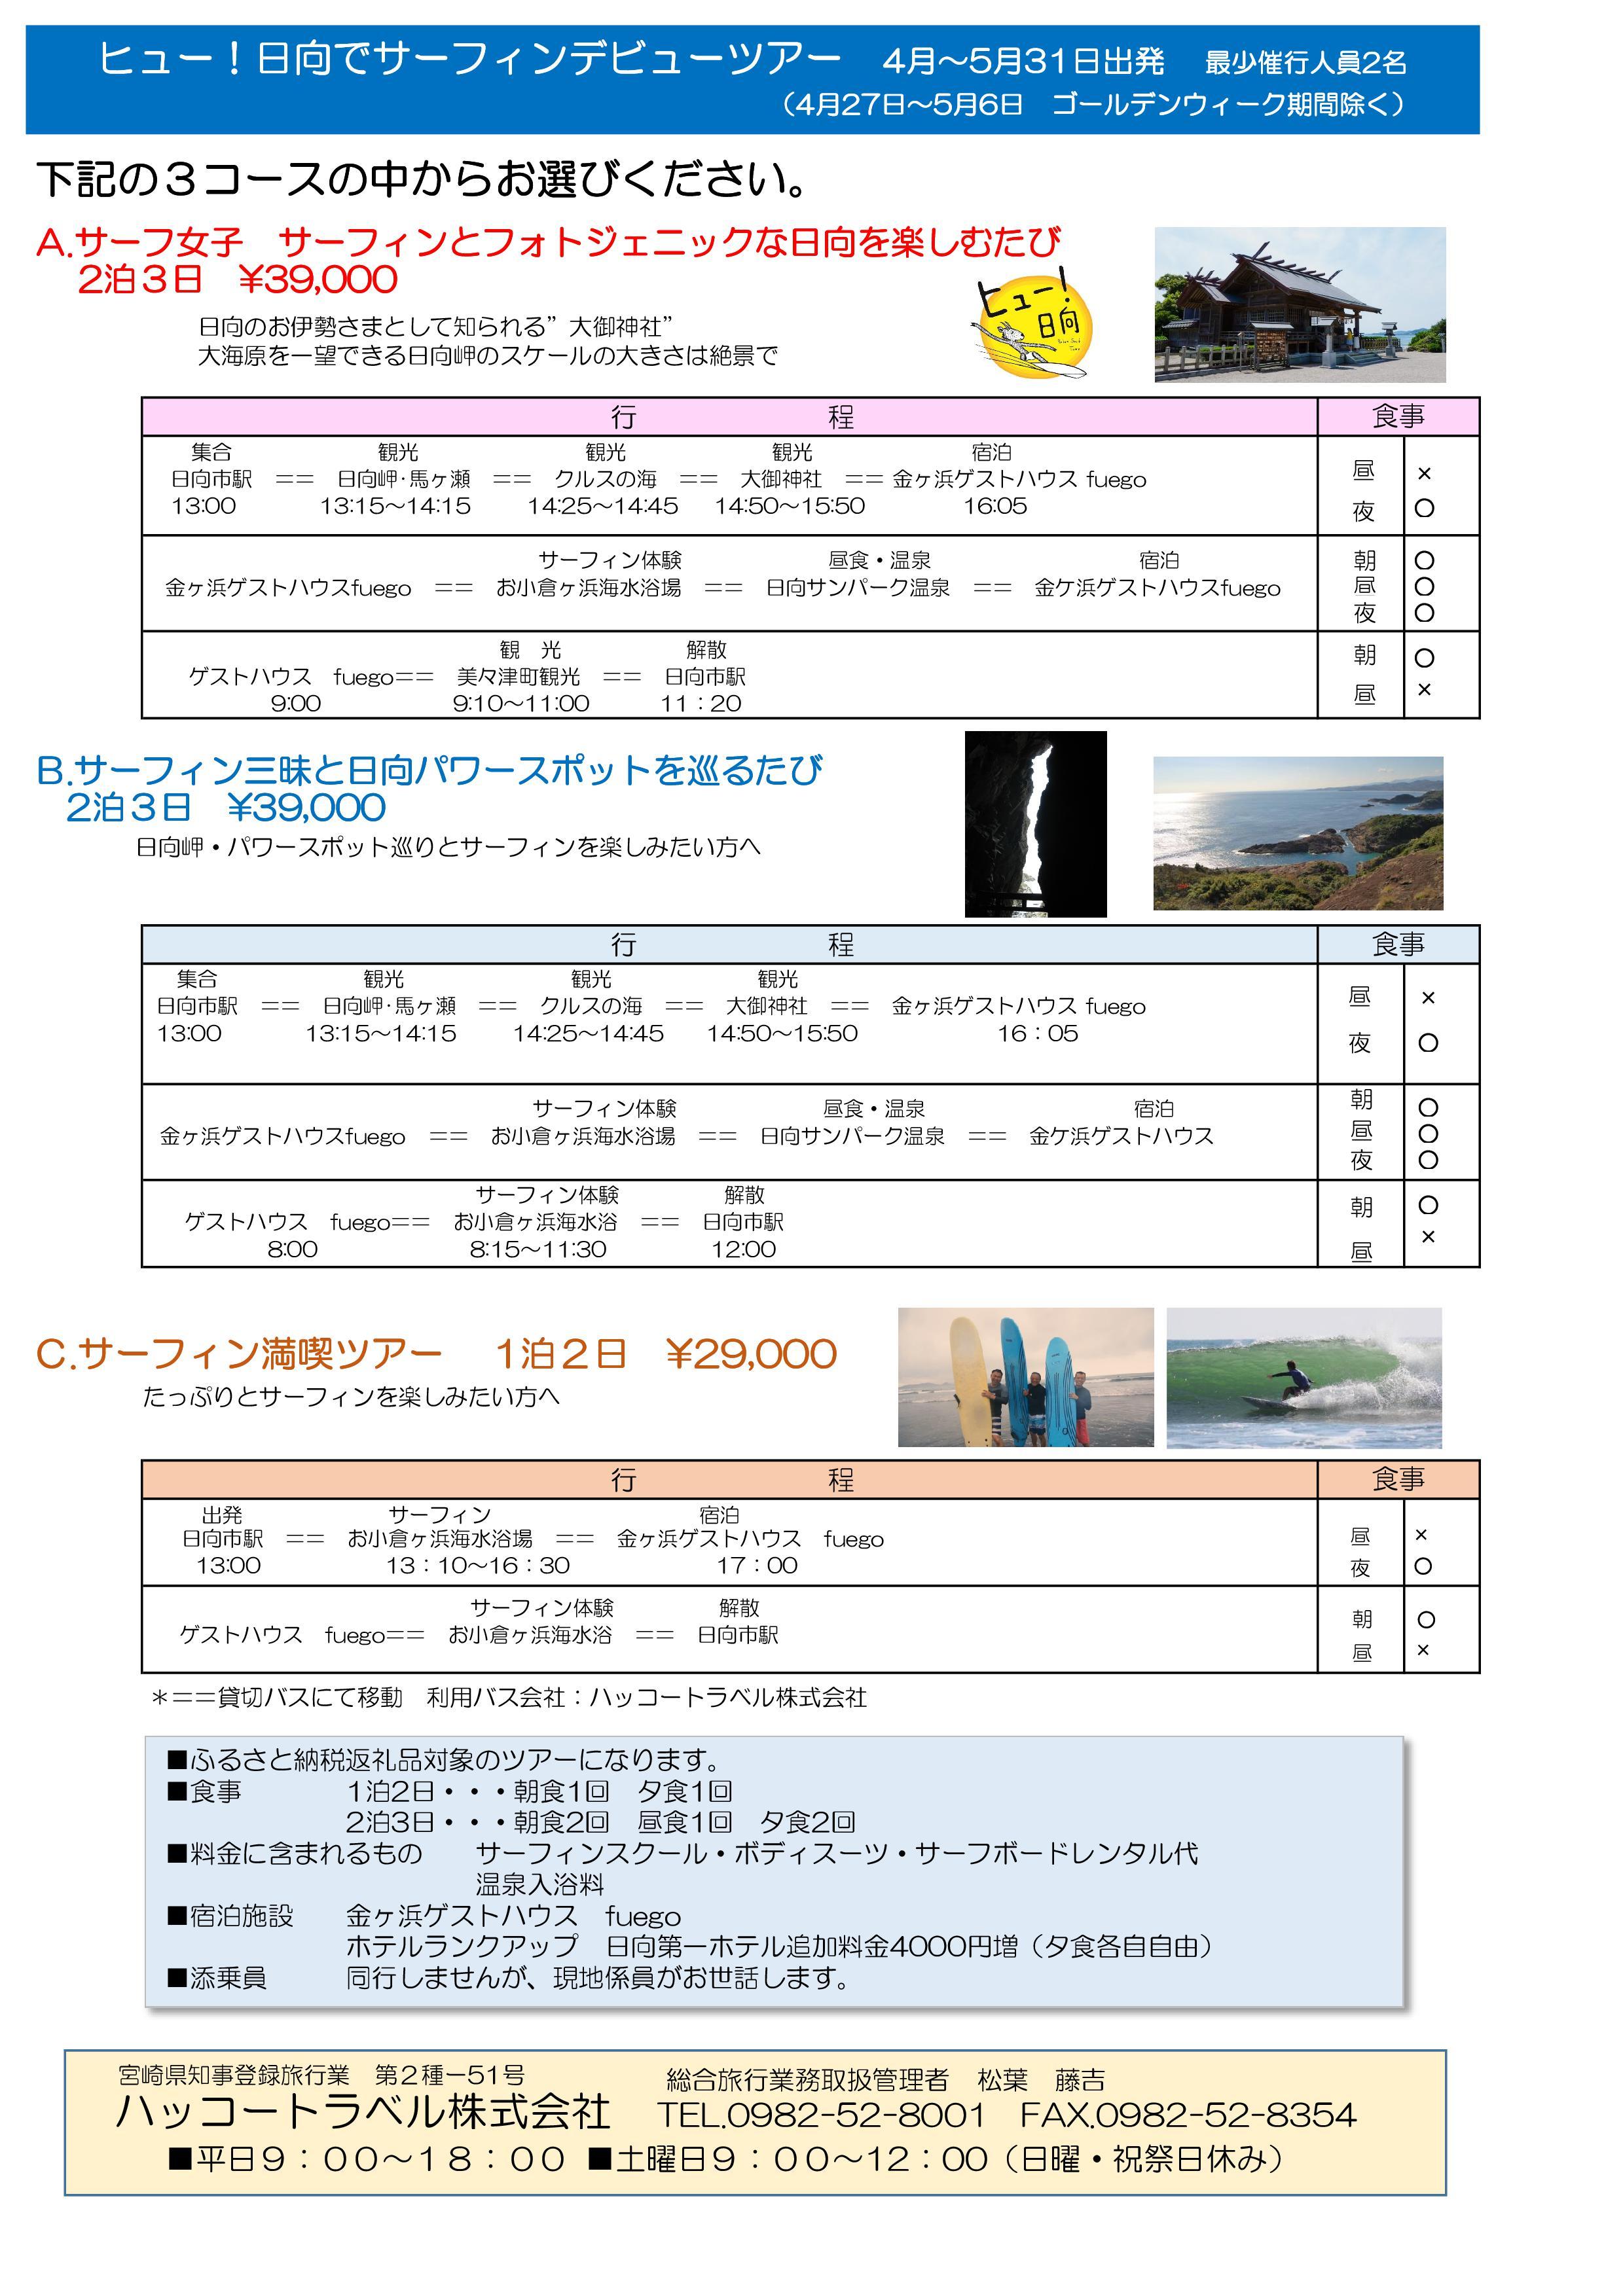 2019サーフィンツアー(改)